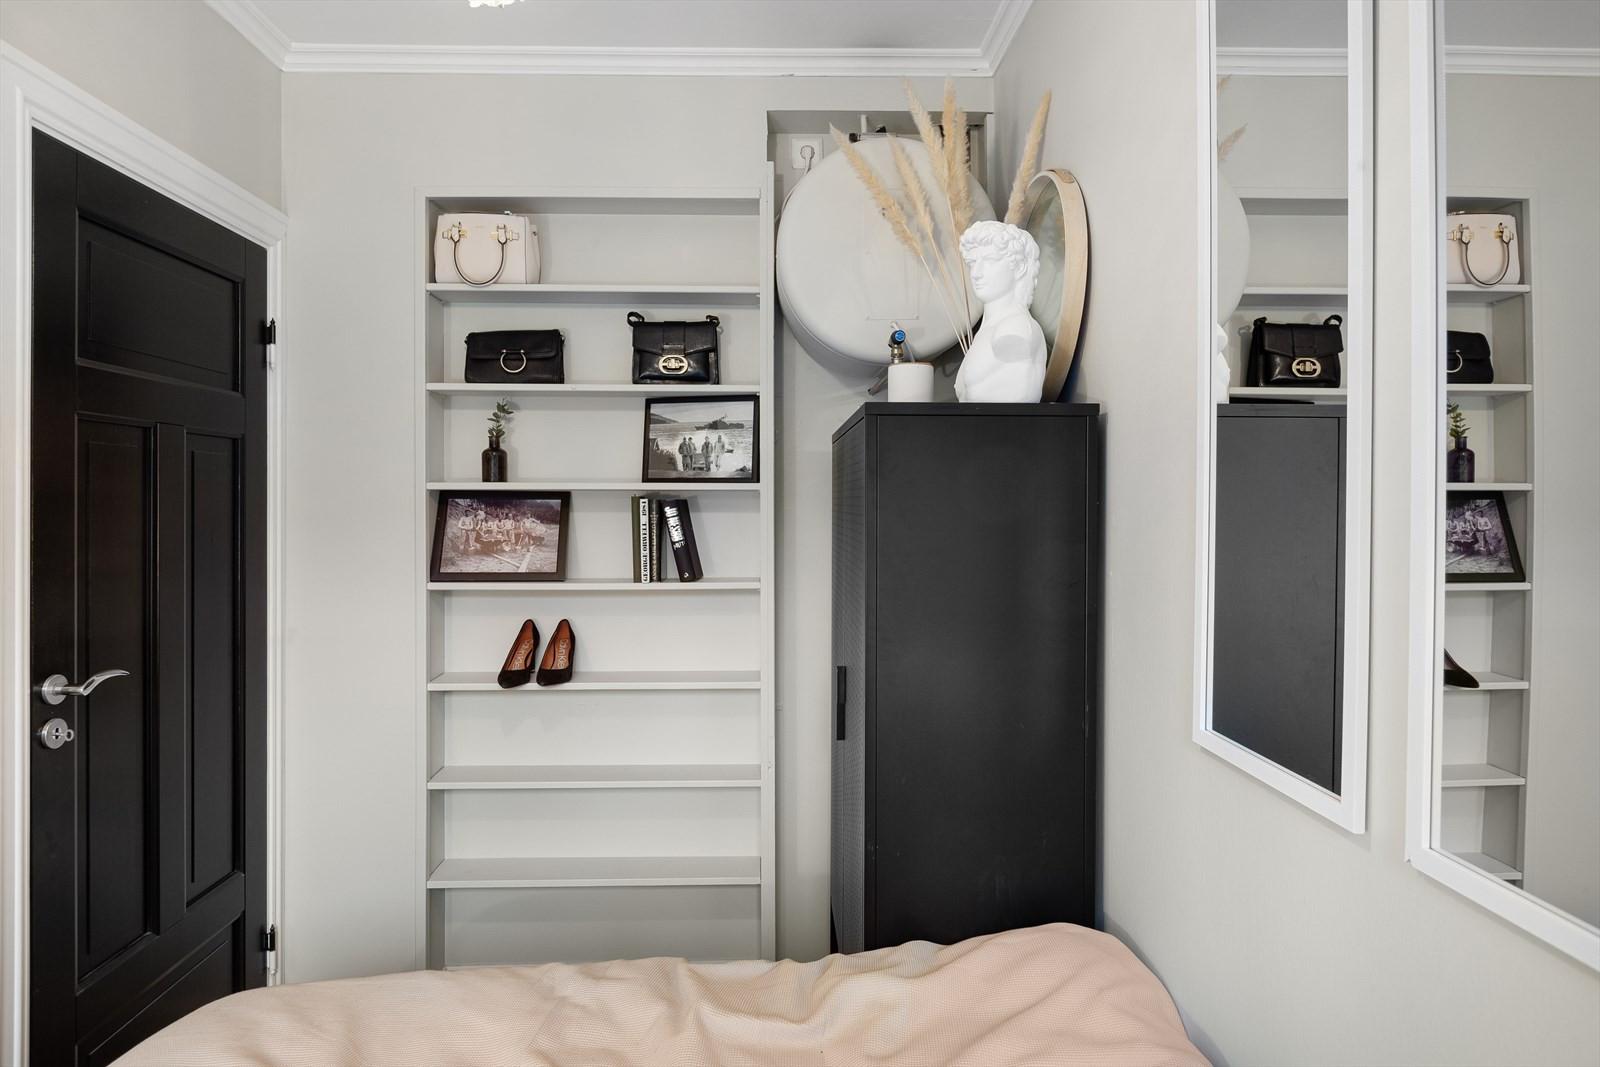 Smart innfelt hylle i vegg og plass til skap.